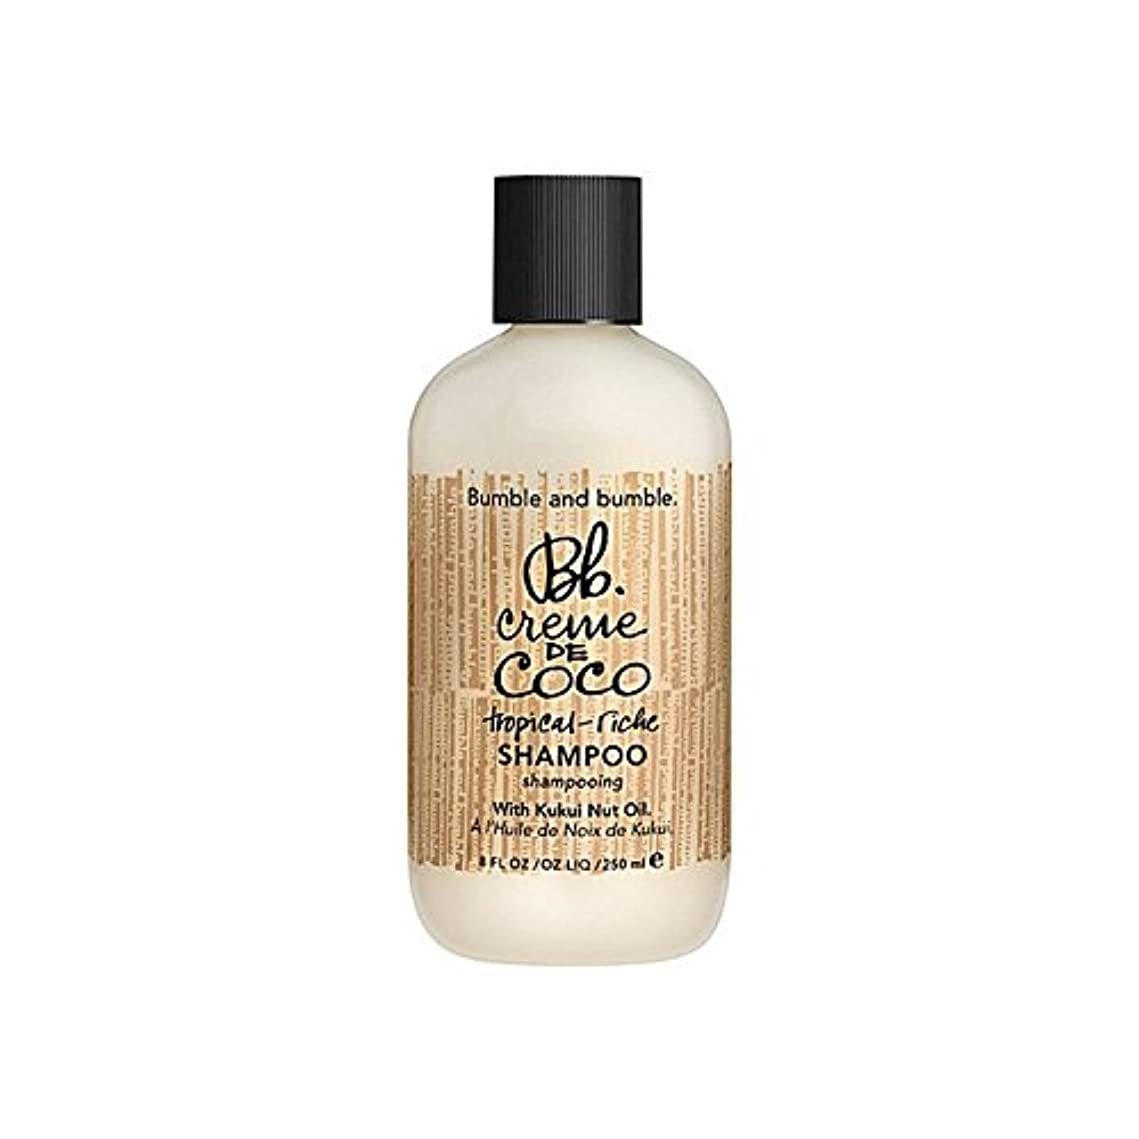 クラフトチャンピオンシップ八百屋Bumble & Bumble Creme De Coco Shampoo 1000ml (Pack of 6) - バンブルアンドバンブルクリーム?デ?ココシャンプー千ミリリットル x6 [並行輸入品]